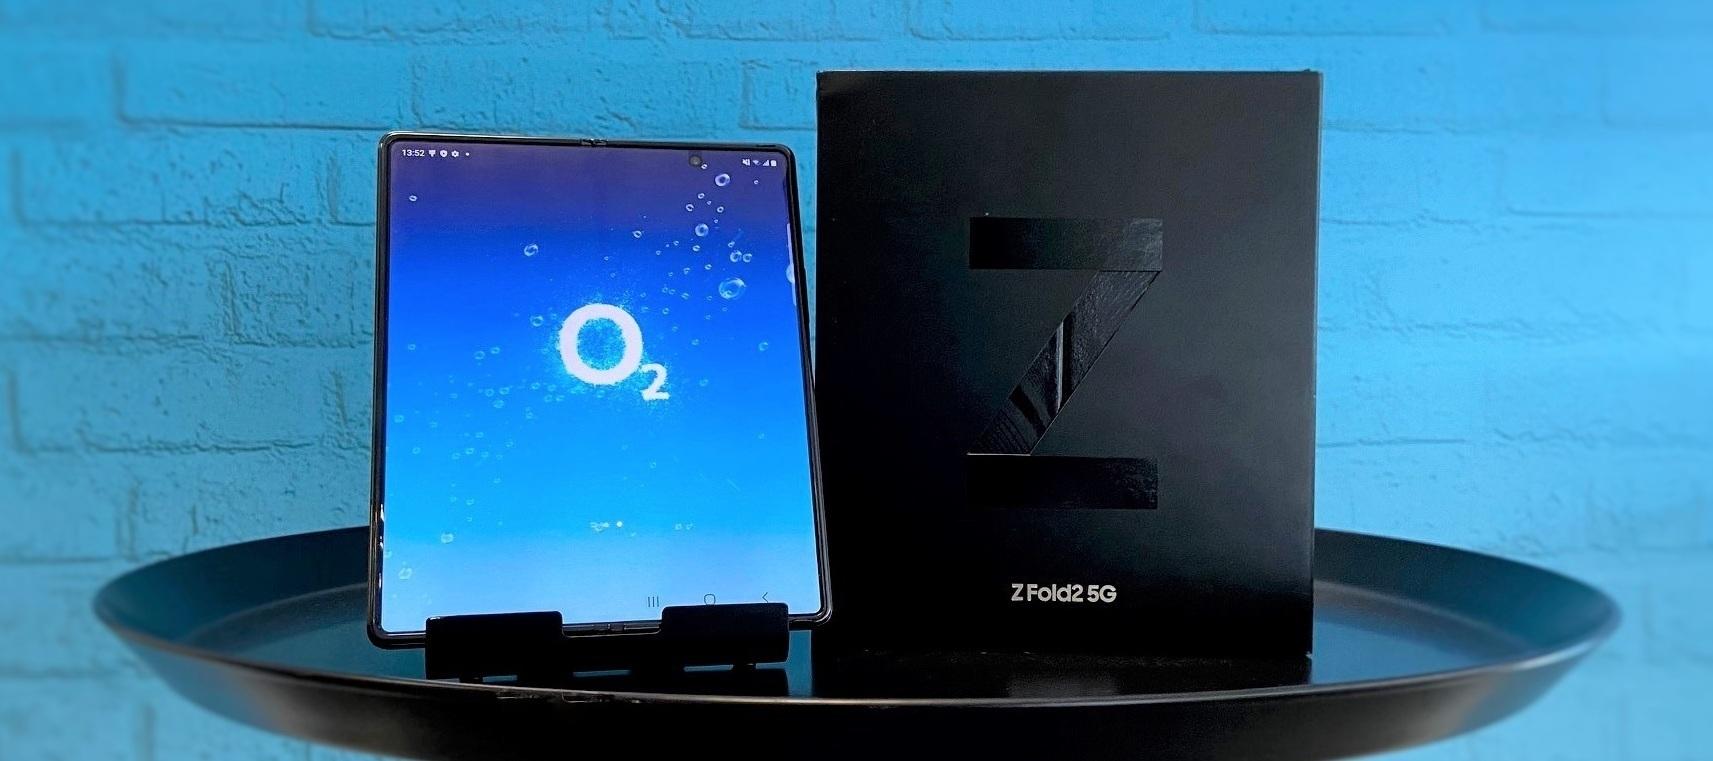 Samsung Galaxy Z Fold2 5G - verbringe drei Wochen mit unserem Testgerät